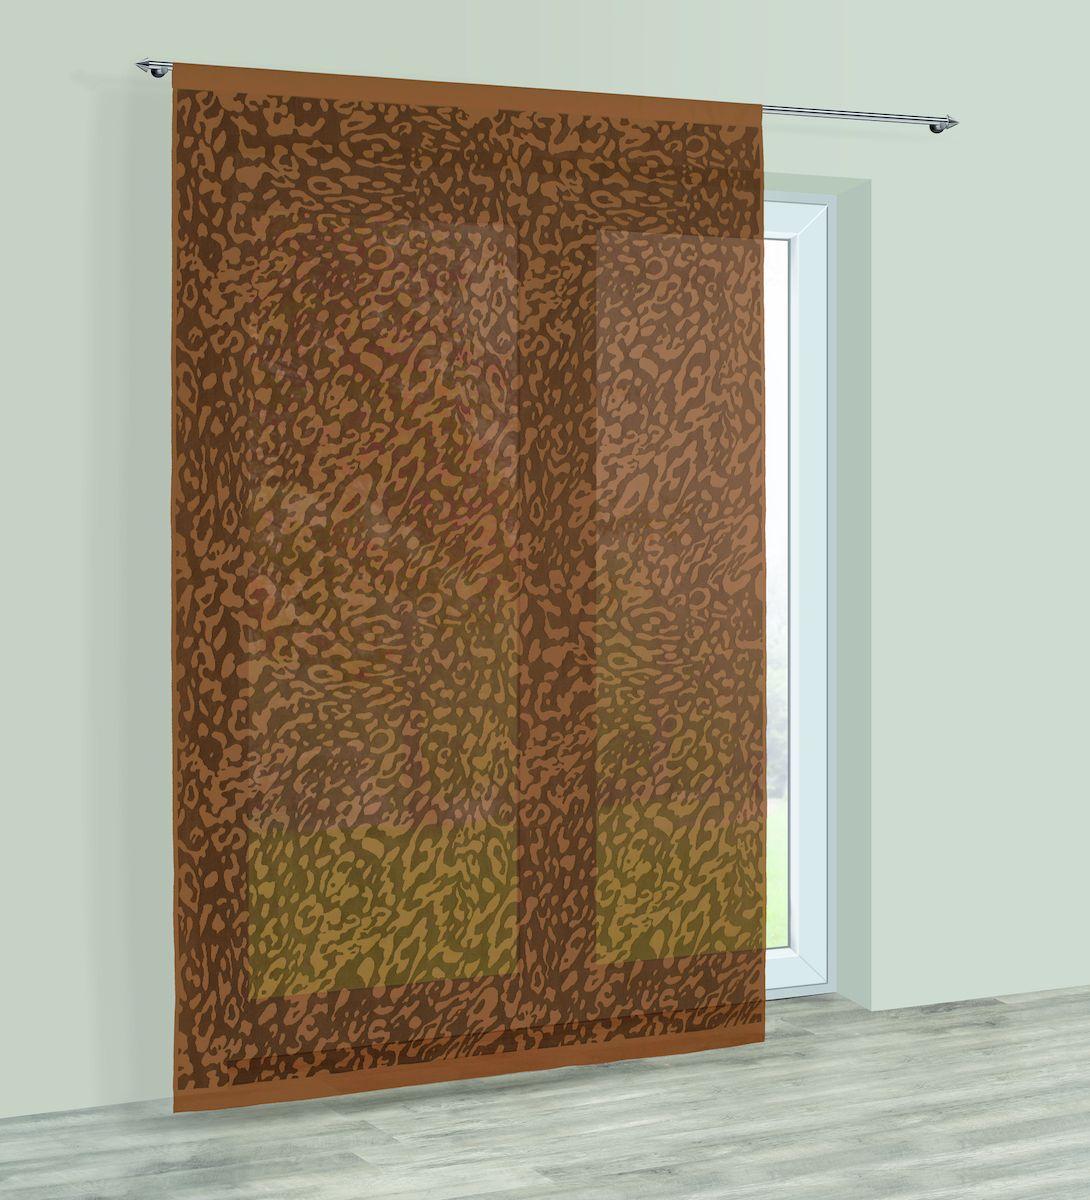 Гардина Haft, на кулиске, цвет: шоколадный, высота 250 см. 228540228540/250 шоколадГардина Haft великолепно украсит любое окно. Изделие выполнено из полиэстера и декорировано под окрас животного.Изделие имеет оригинальный дизайн и органично впишется в интерьер помещения.Гардина крепится на карниз при помощи кулиски.